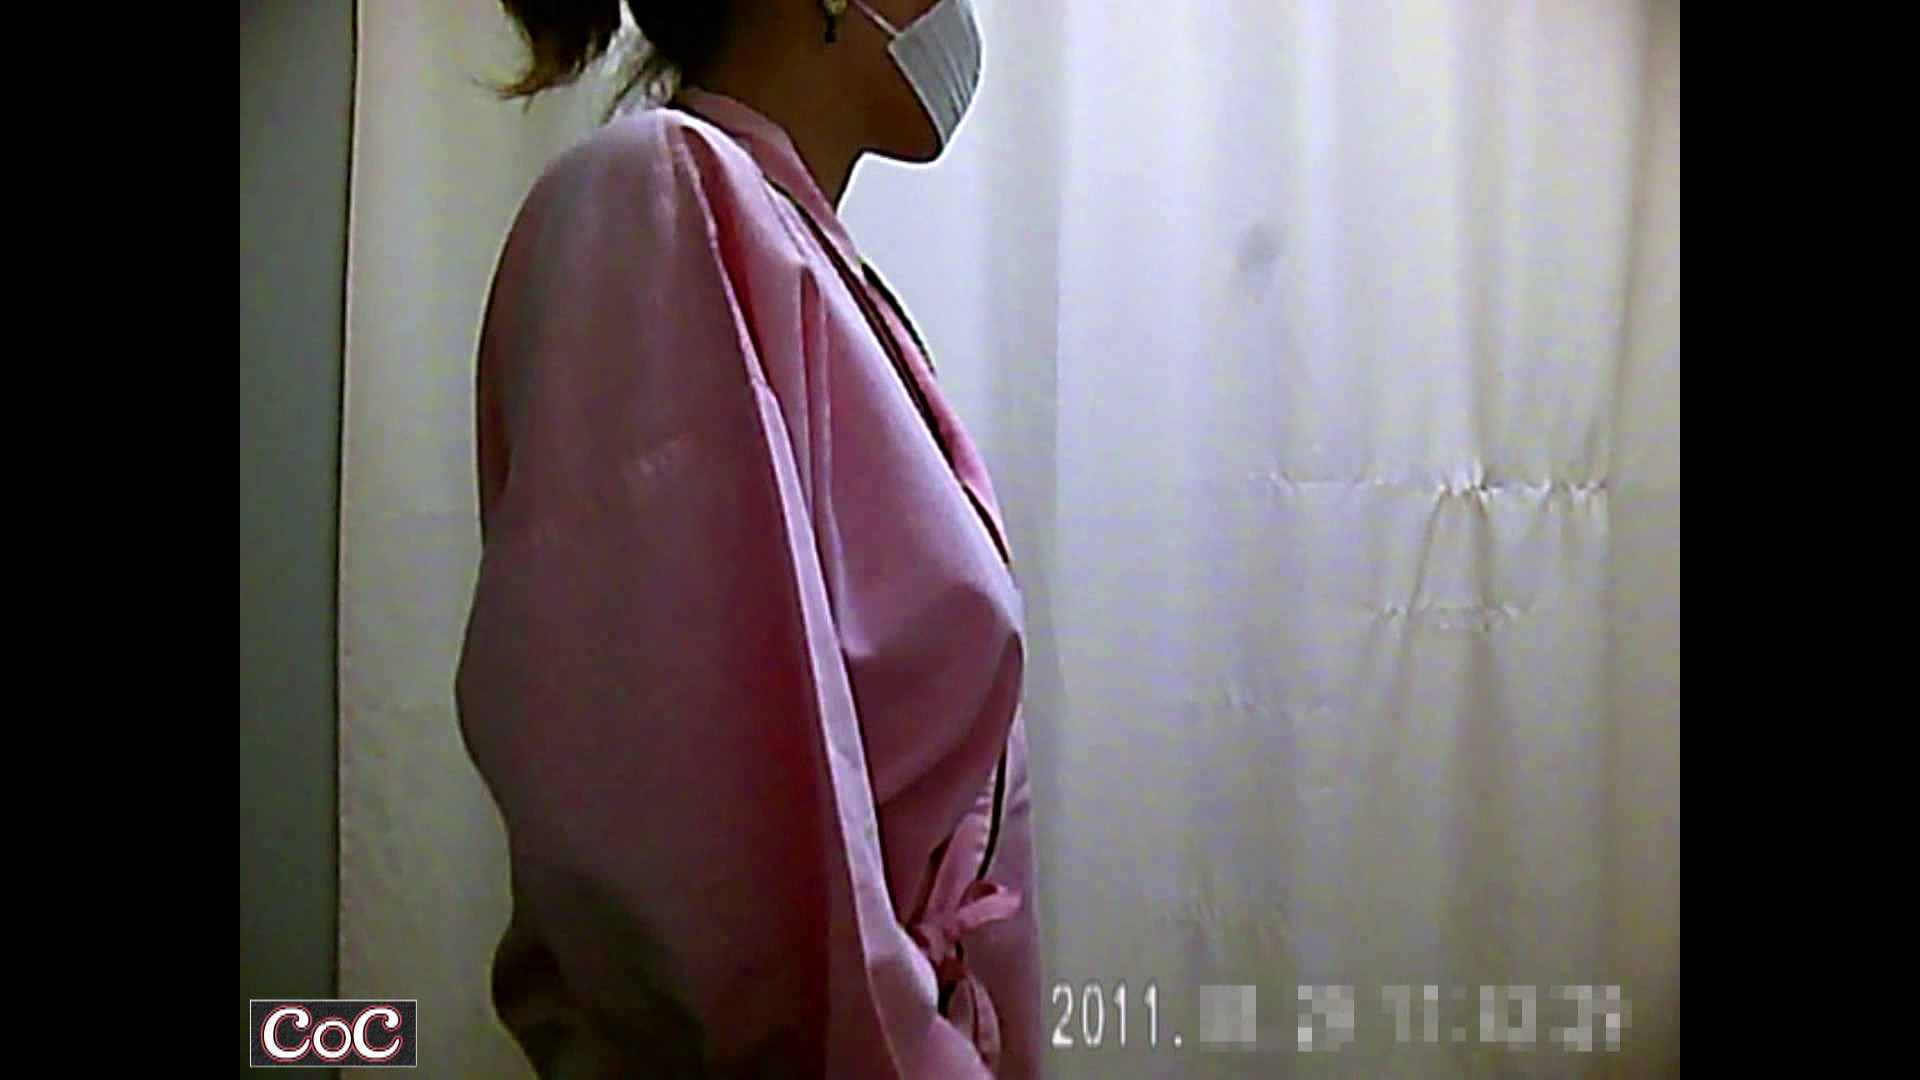 病院おもいっきり着替え! vol.18 OLエロ画像 盗撮セックス無修正動画無料 20PICs 2